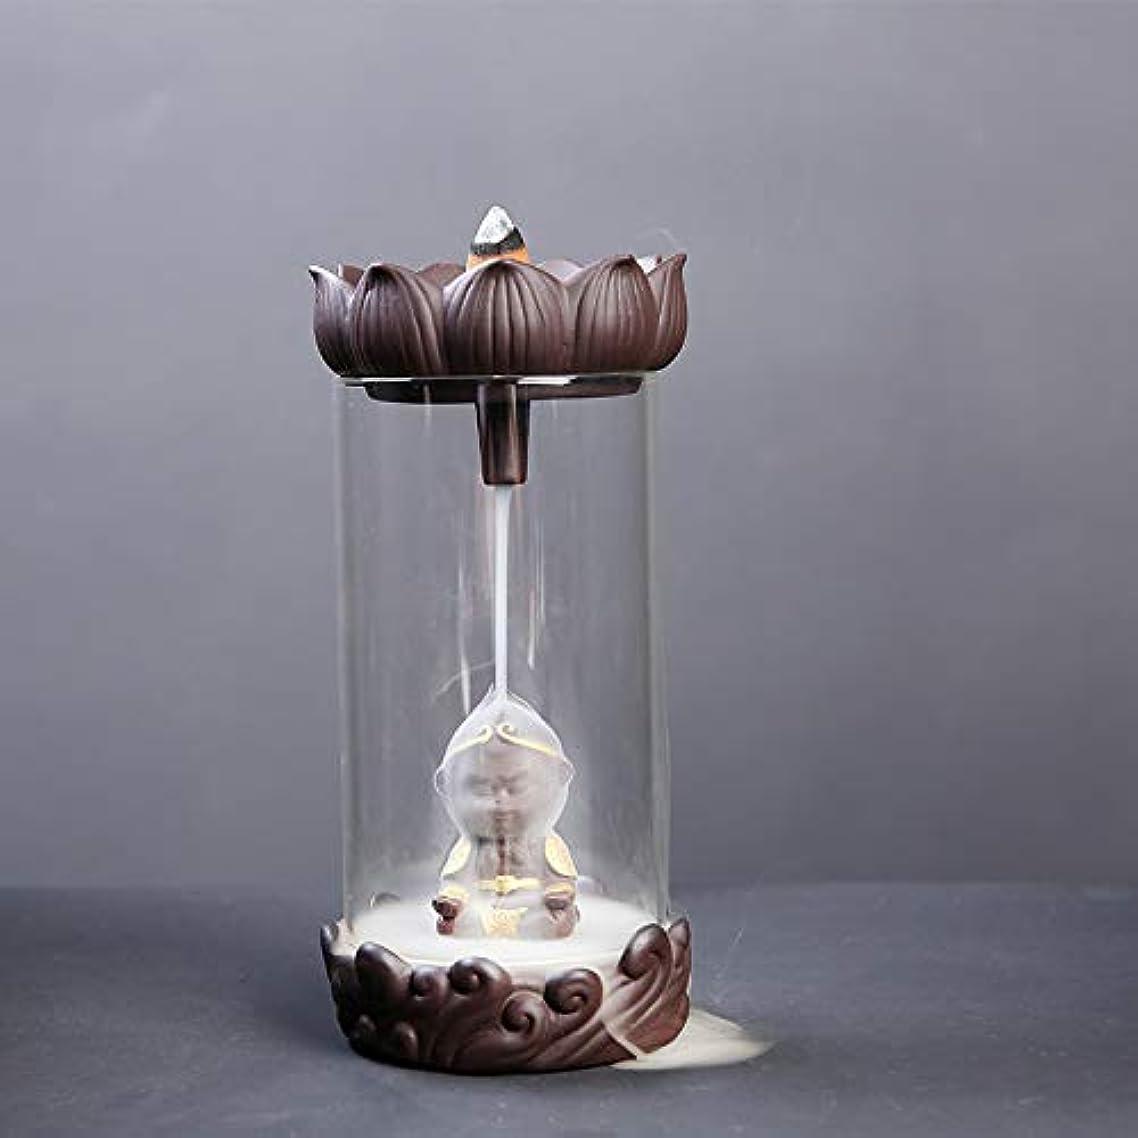 ベルトバーチャル分配します防風ガラス逆流香バーナーセラミックロータスピュアハンドクラフトセラミックバーナー滝効果アロマセラピー炉18.5 * 9.2 cmを返す